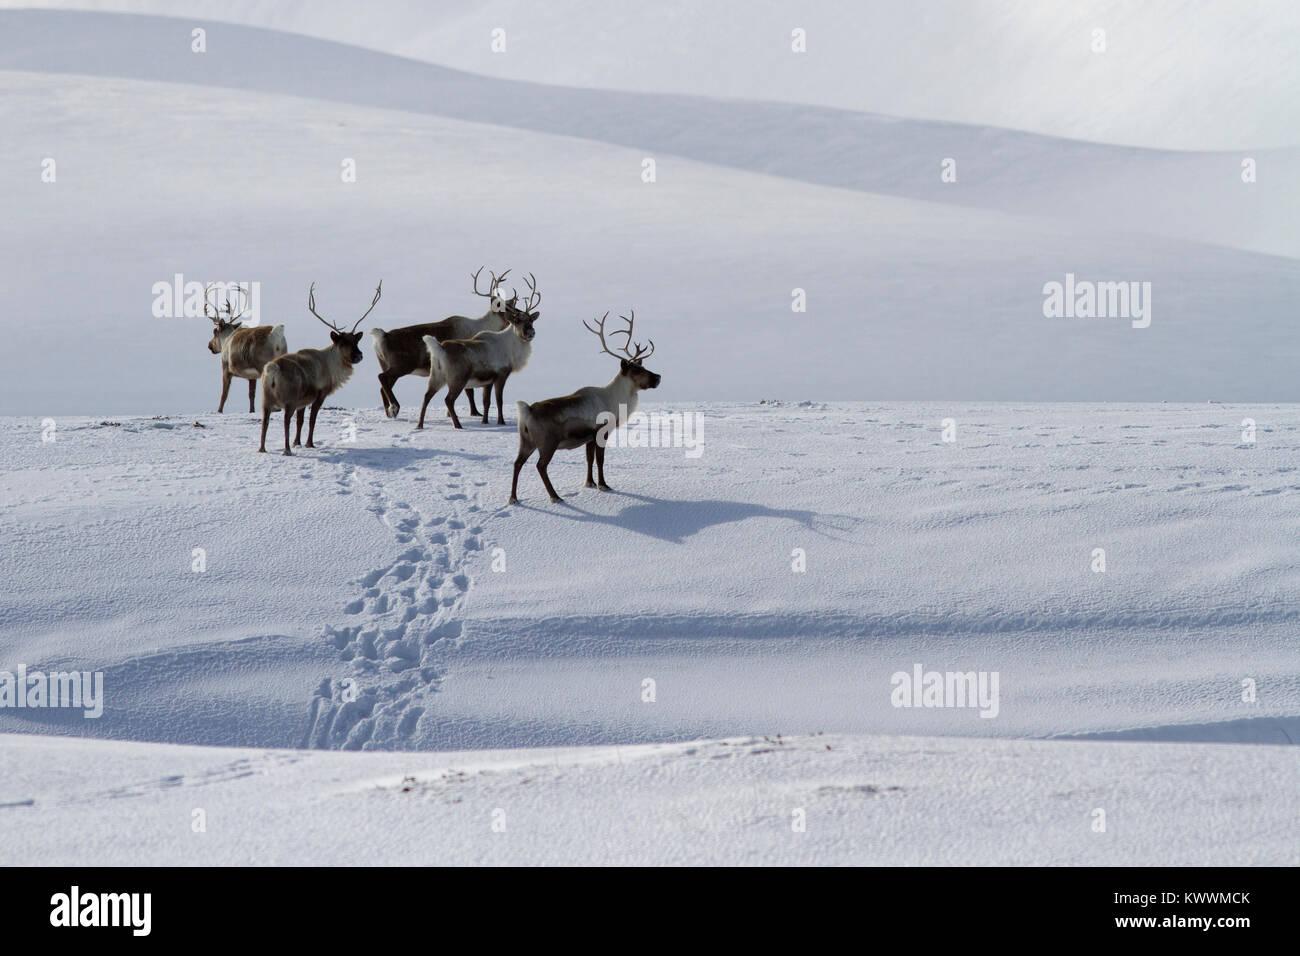 Un petit troupeau de rennes debout sur une colline couverte de neige en un jour d'hiver Photo Stock